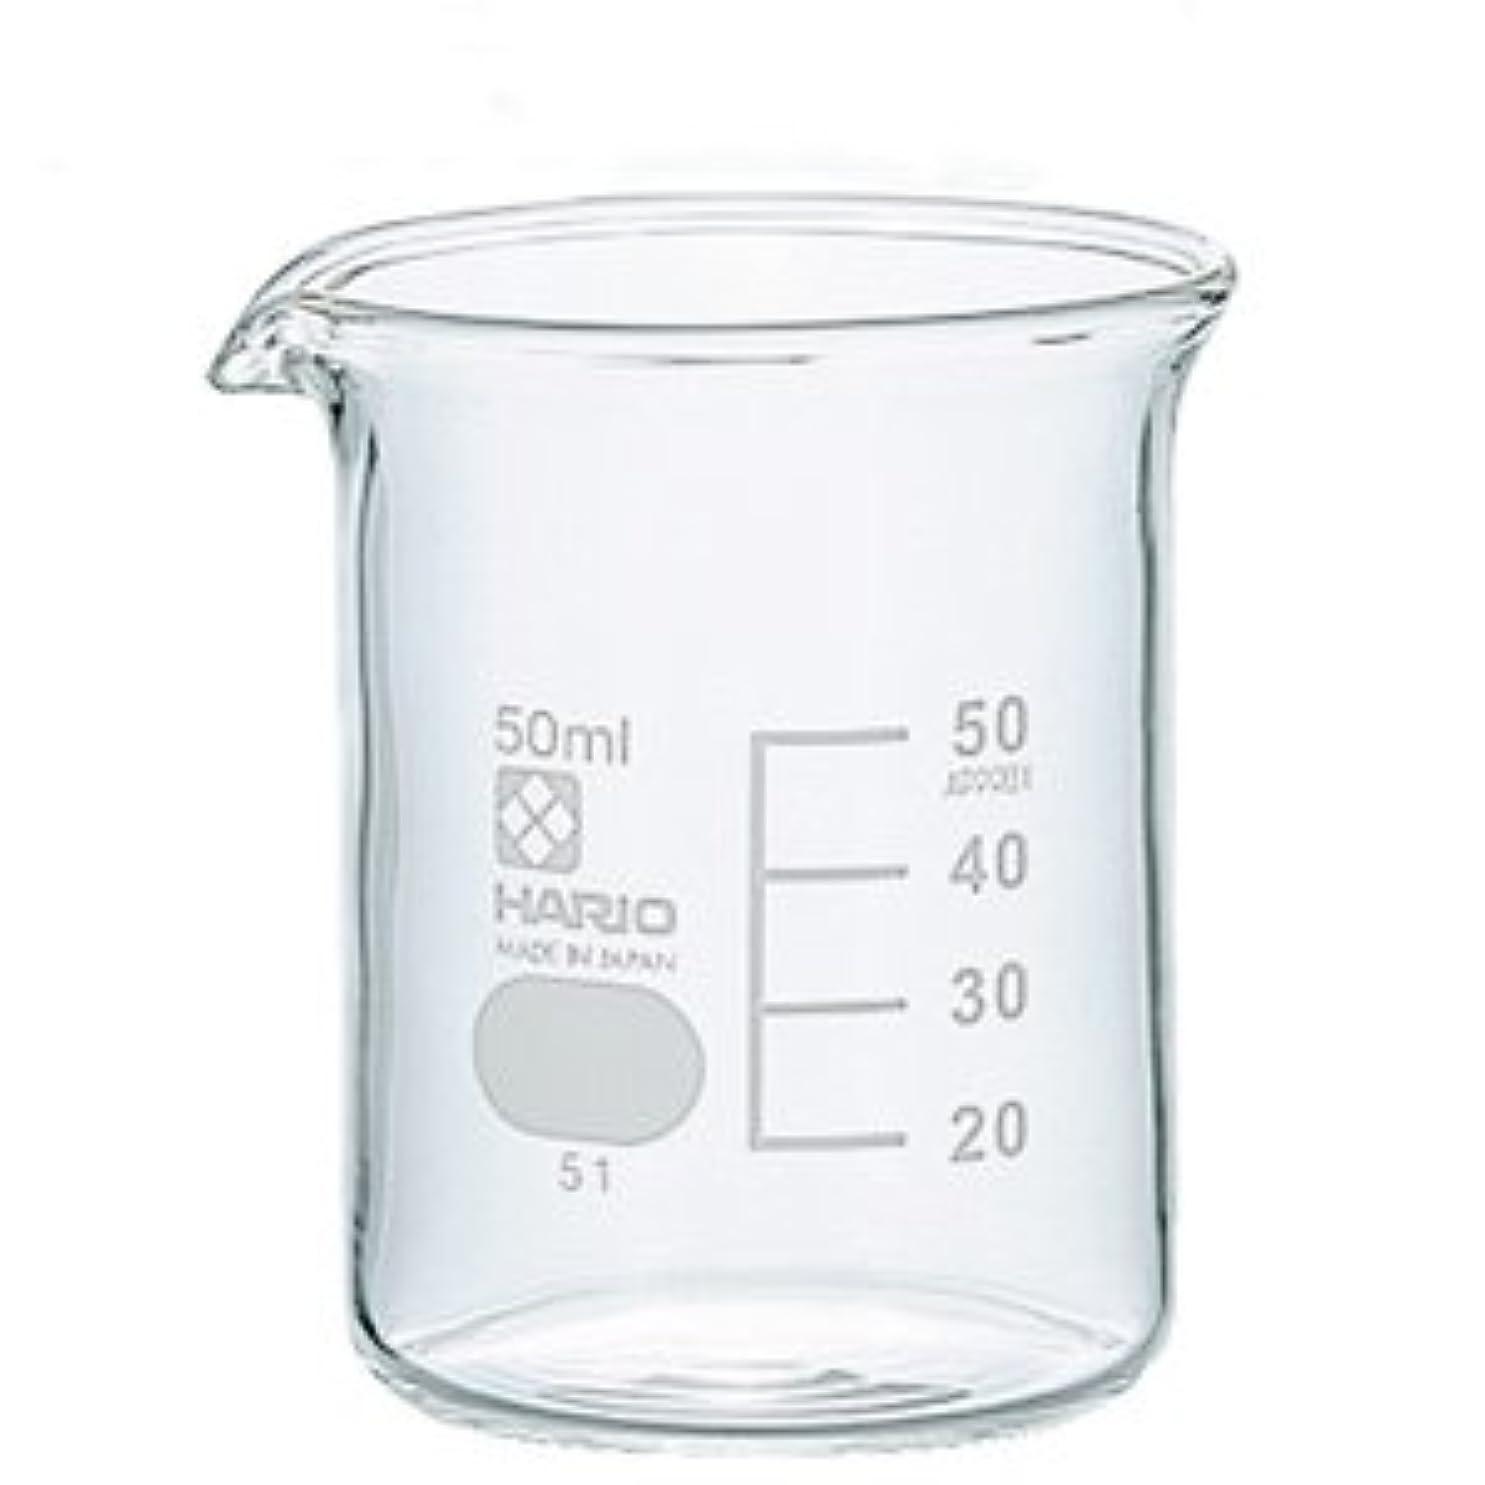 サルベージ距離簡潔なガラスビーカー 50ml 【手作り石鹸/手作りコスメ/手作り化粧品】